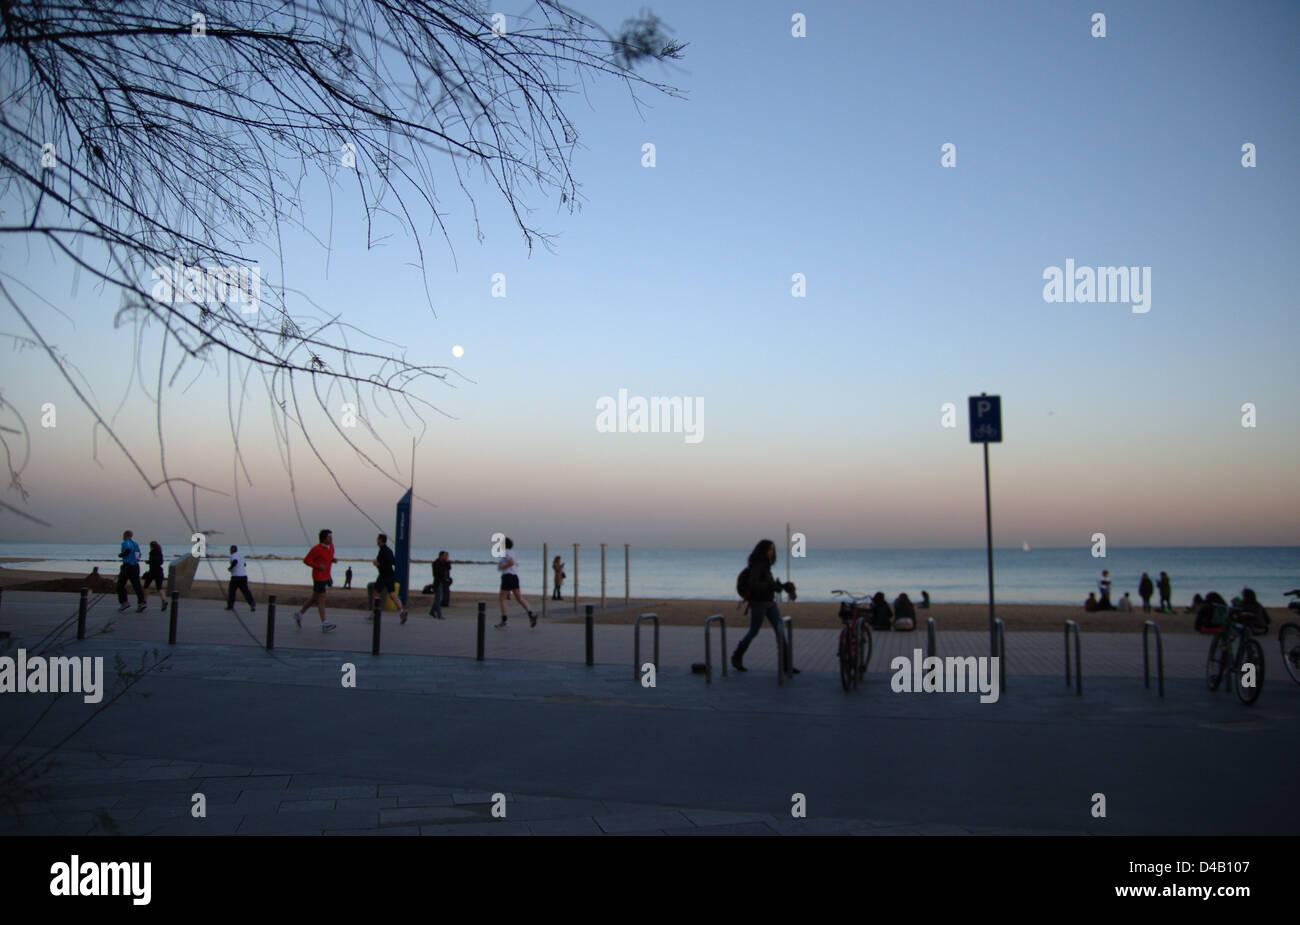 En el ambiente de la playa de Barcelona por la noche. Las personas ejecutando en el paseo marítimo. Imagen De Stock